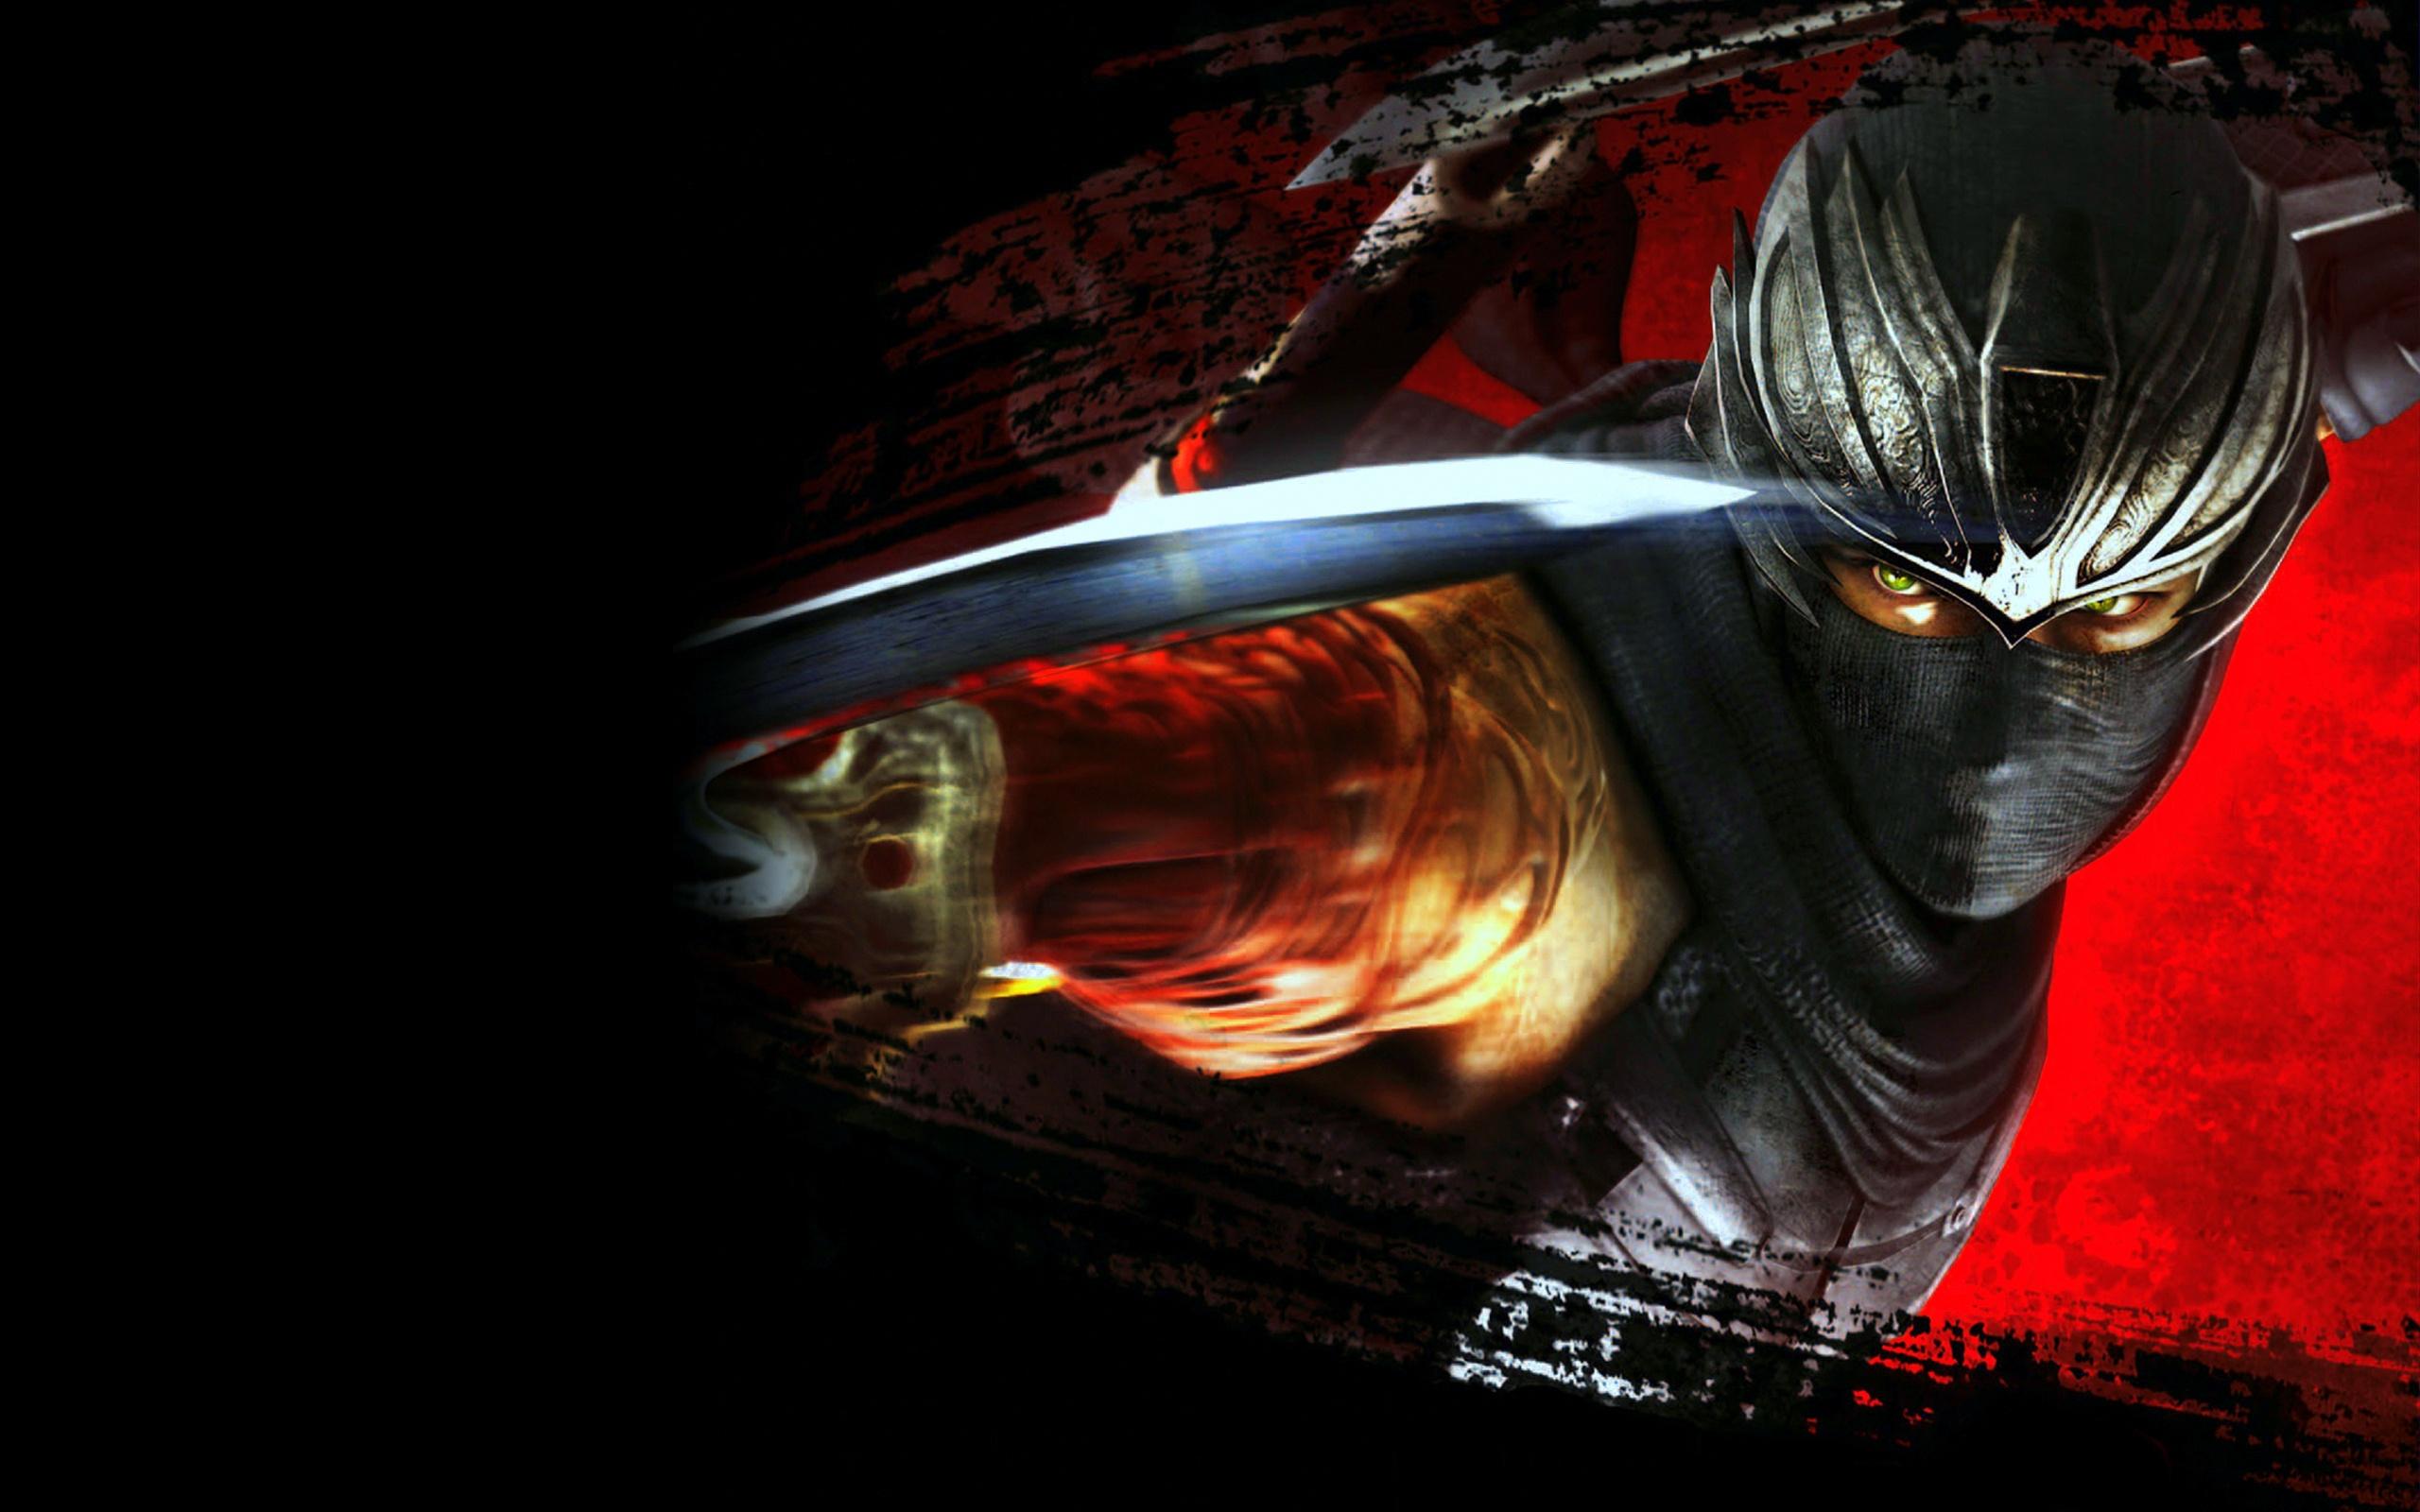 Ninja Gaiden 3 Wallpapers In Jpg Format For Free Download